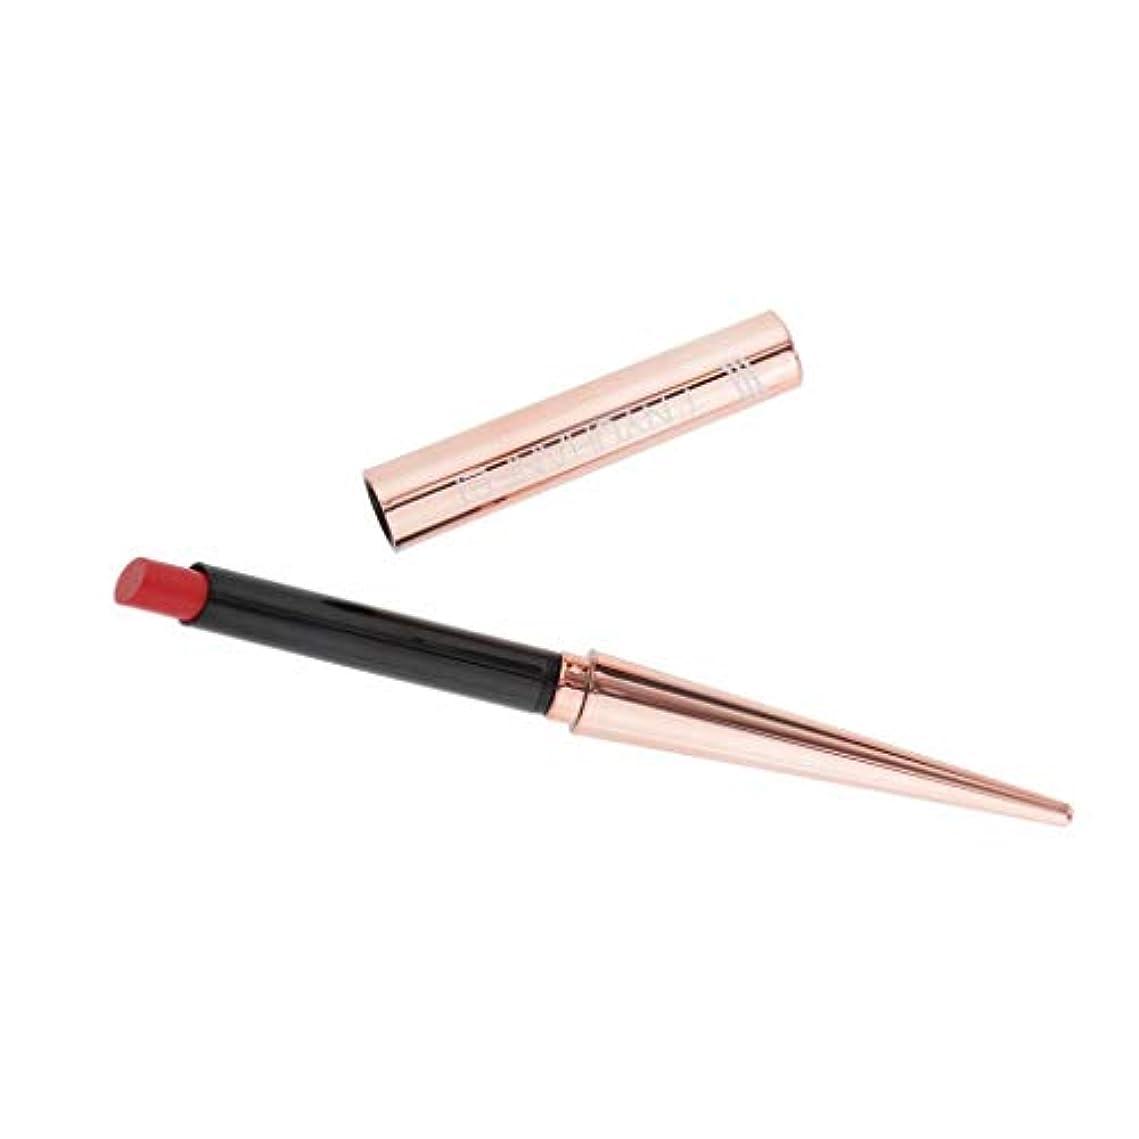 混合祈る覆すToygogo 毎日のパーティーのための保湿防水口紅化粧品ベルベットリップグロス - 赤, 12.5cm